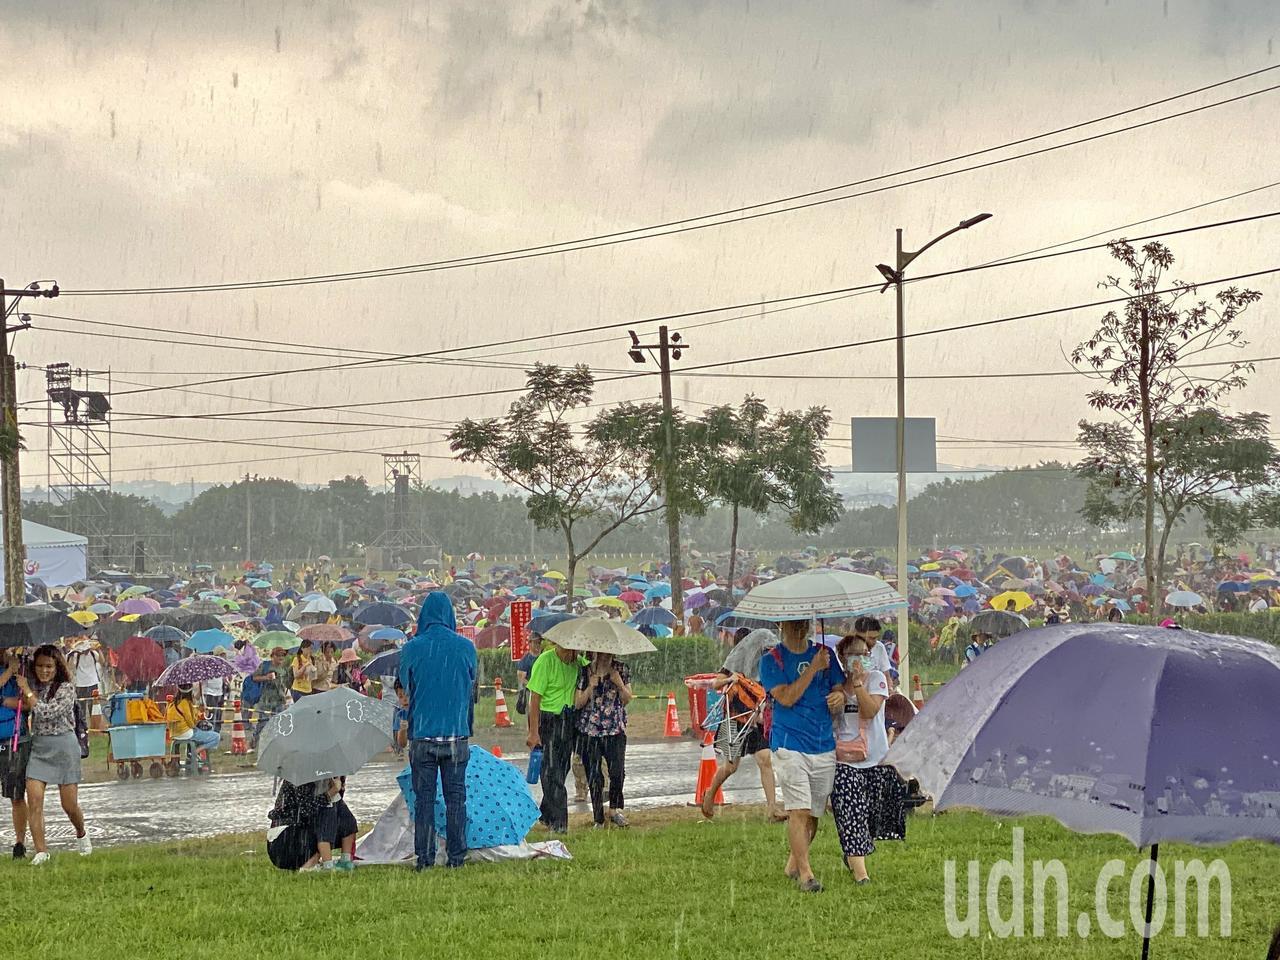 屏東河濱公園下午四點降下大雨,賞焰火民眾紛紛逃竄躲雨。記者江國豪/攝影